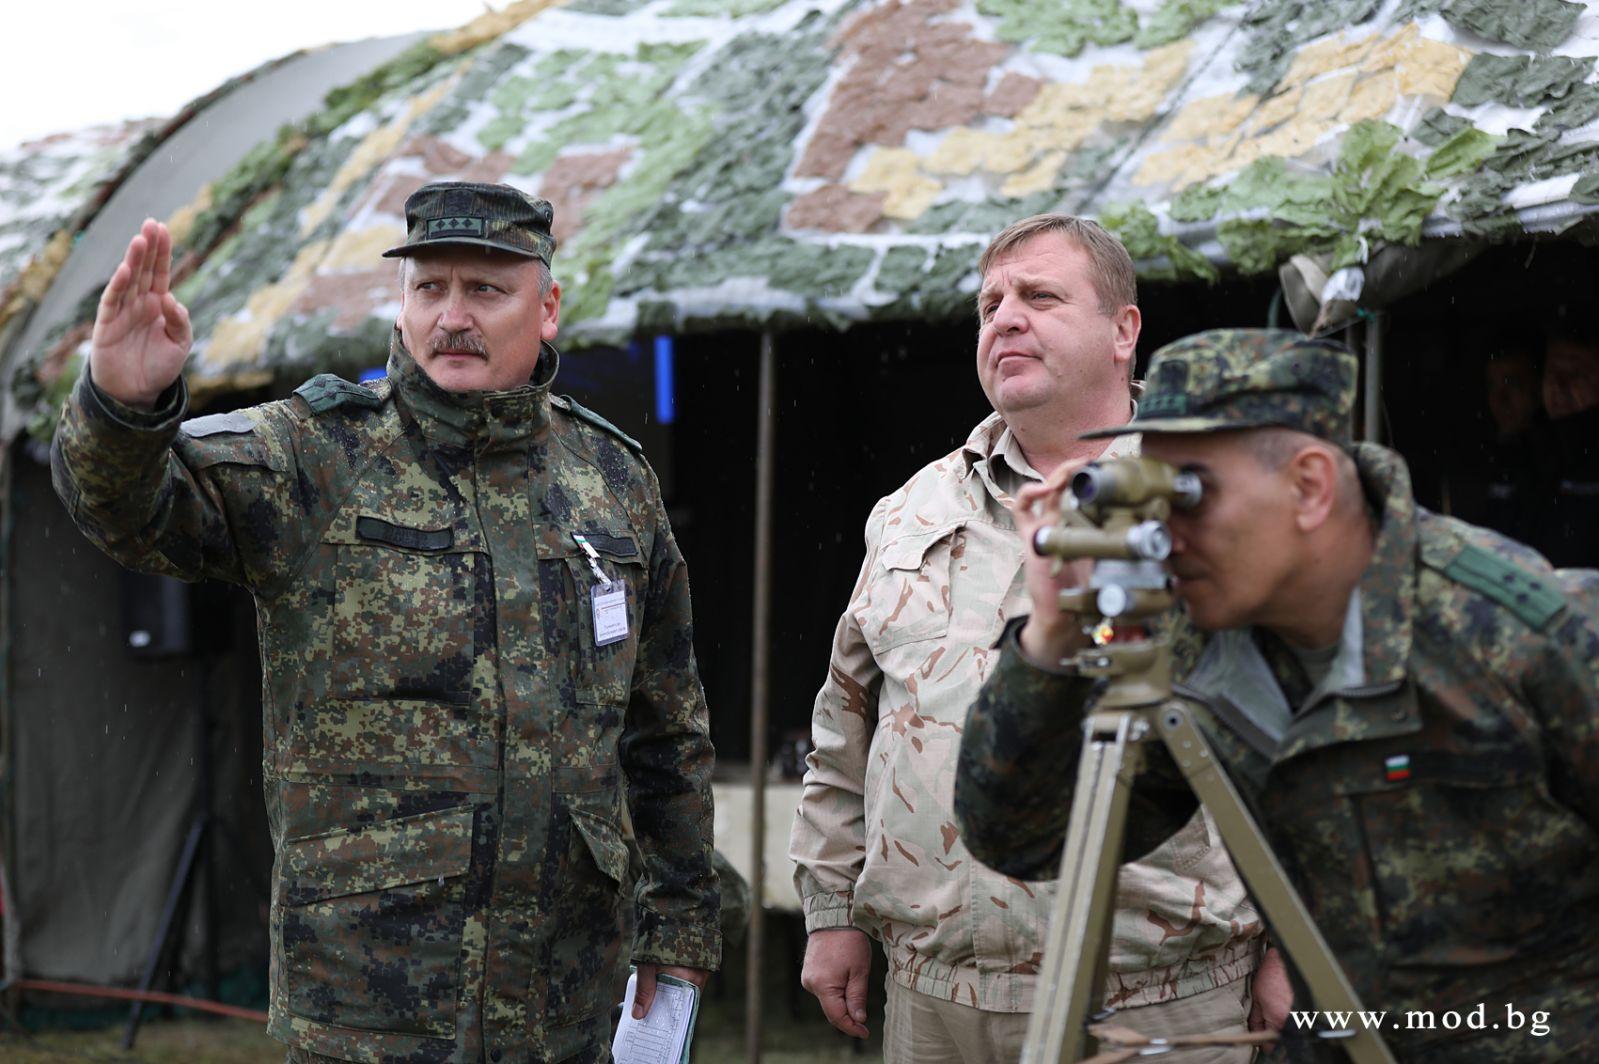 """Министър Каракачанов: """"Възхитен съм от уменията и способностите на випускниците от специализация """"Полева артилерия"""" на Националния военен университет"""""""